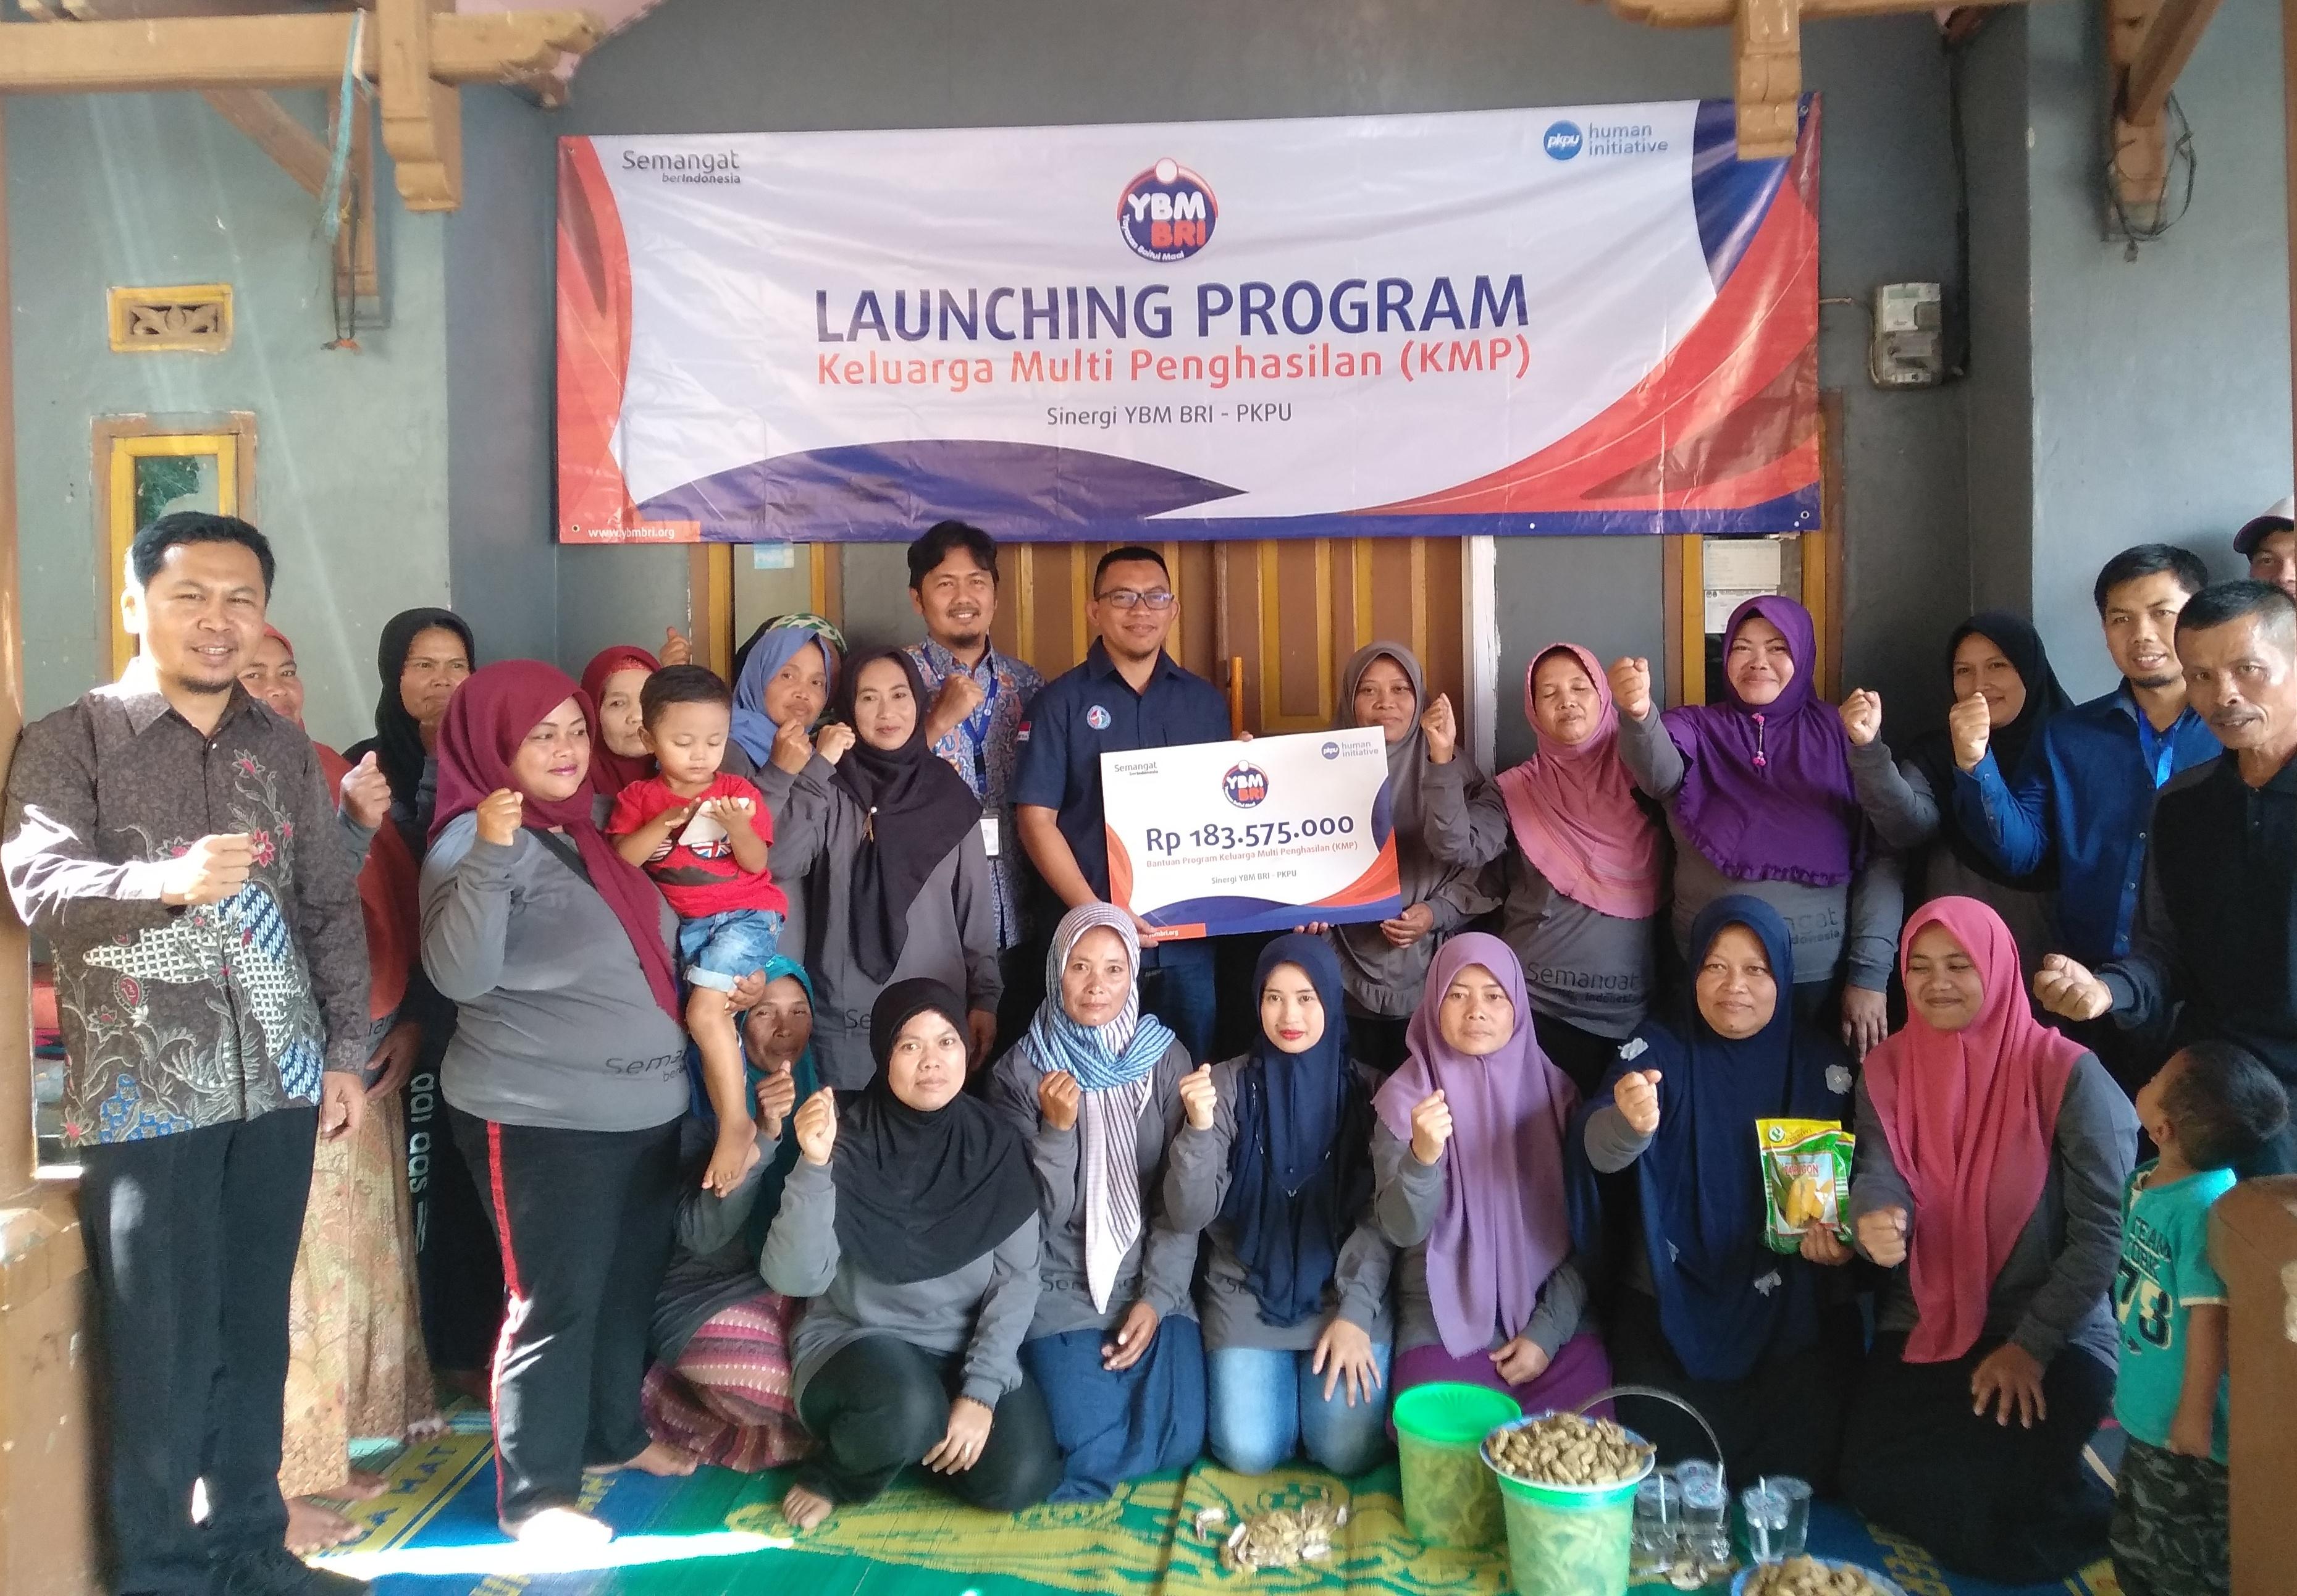 Kolaborasi Kebaikan : YBM BRI X PKPU Human Initiative